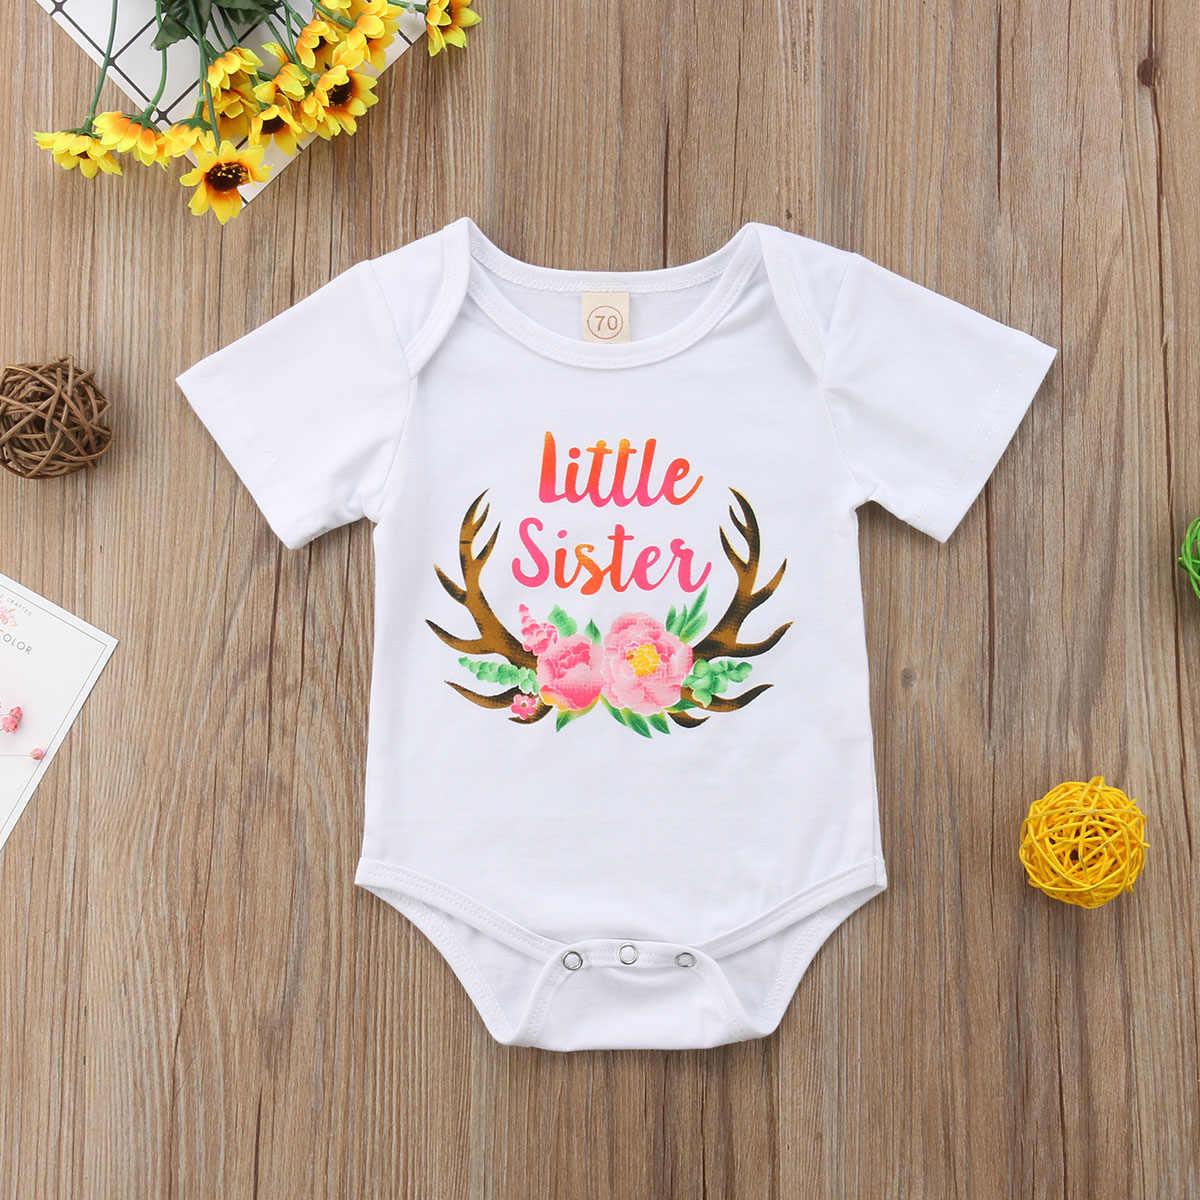 Рождественская Одинаковая одежда для девочек и сестер футболка для больших сестер Комбинезон для маленьких сестер От 0 до 7 лет Одежда для маленьких девочек